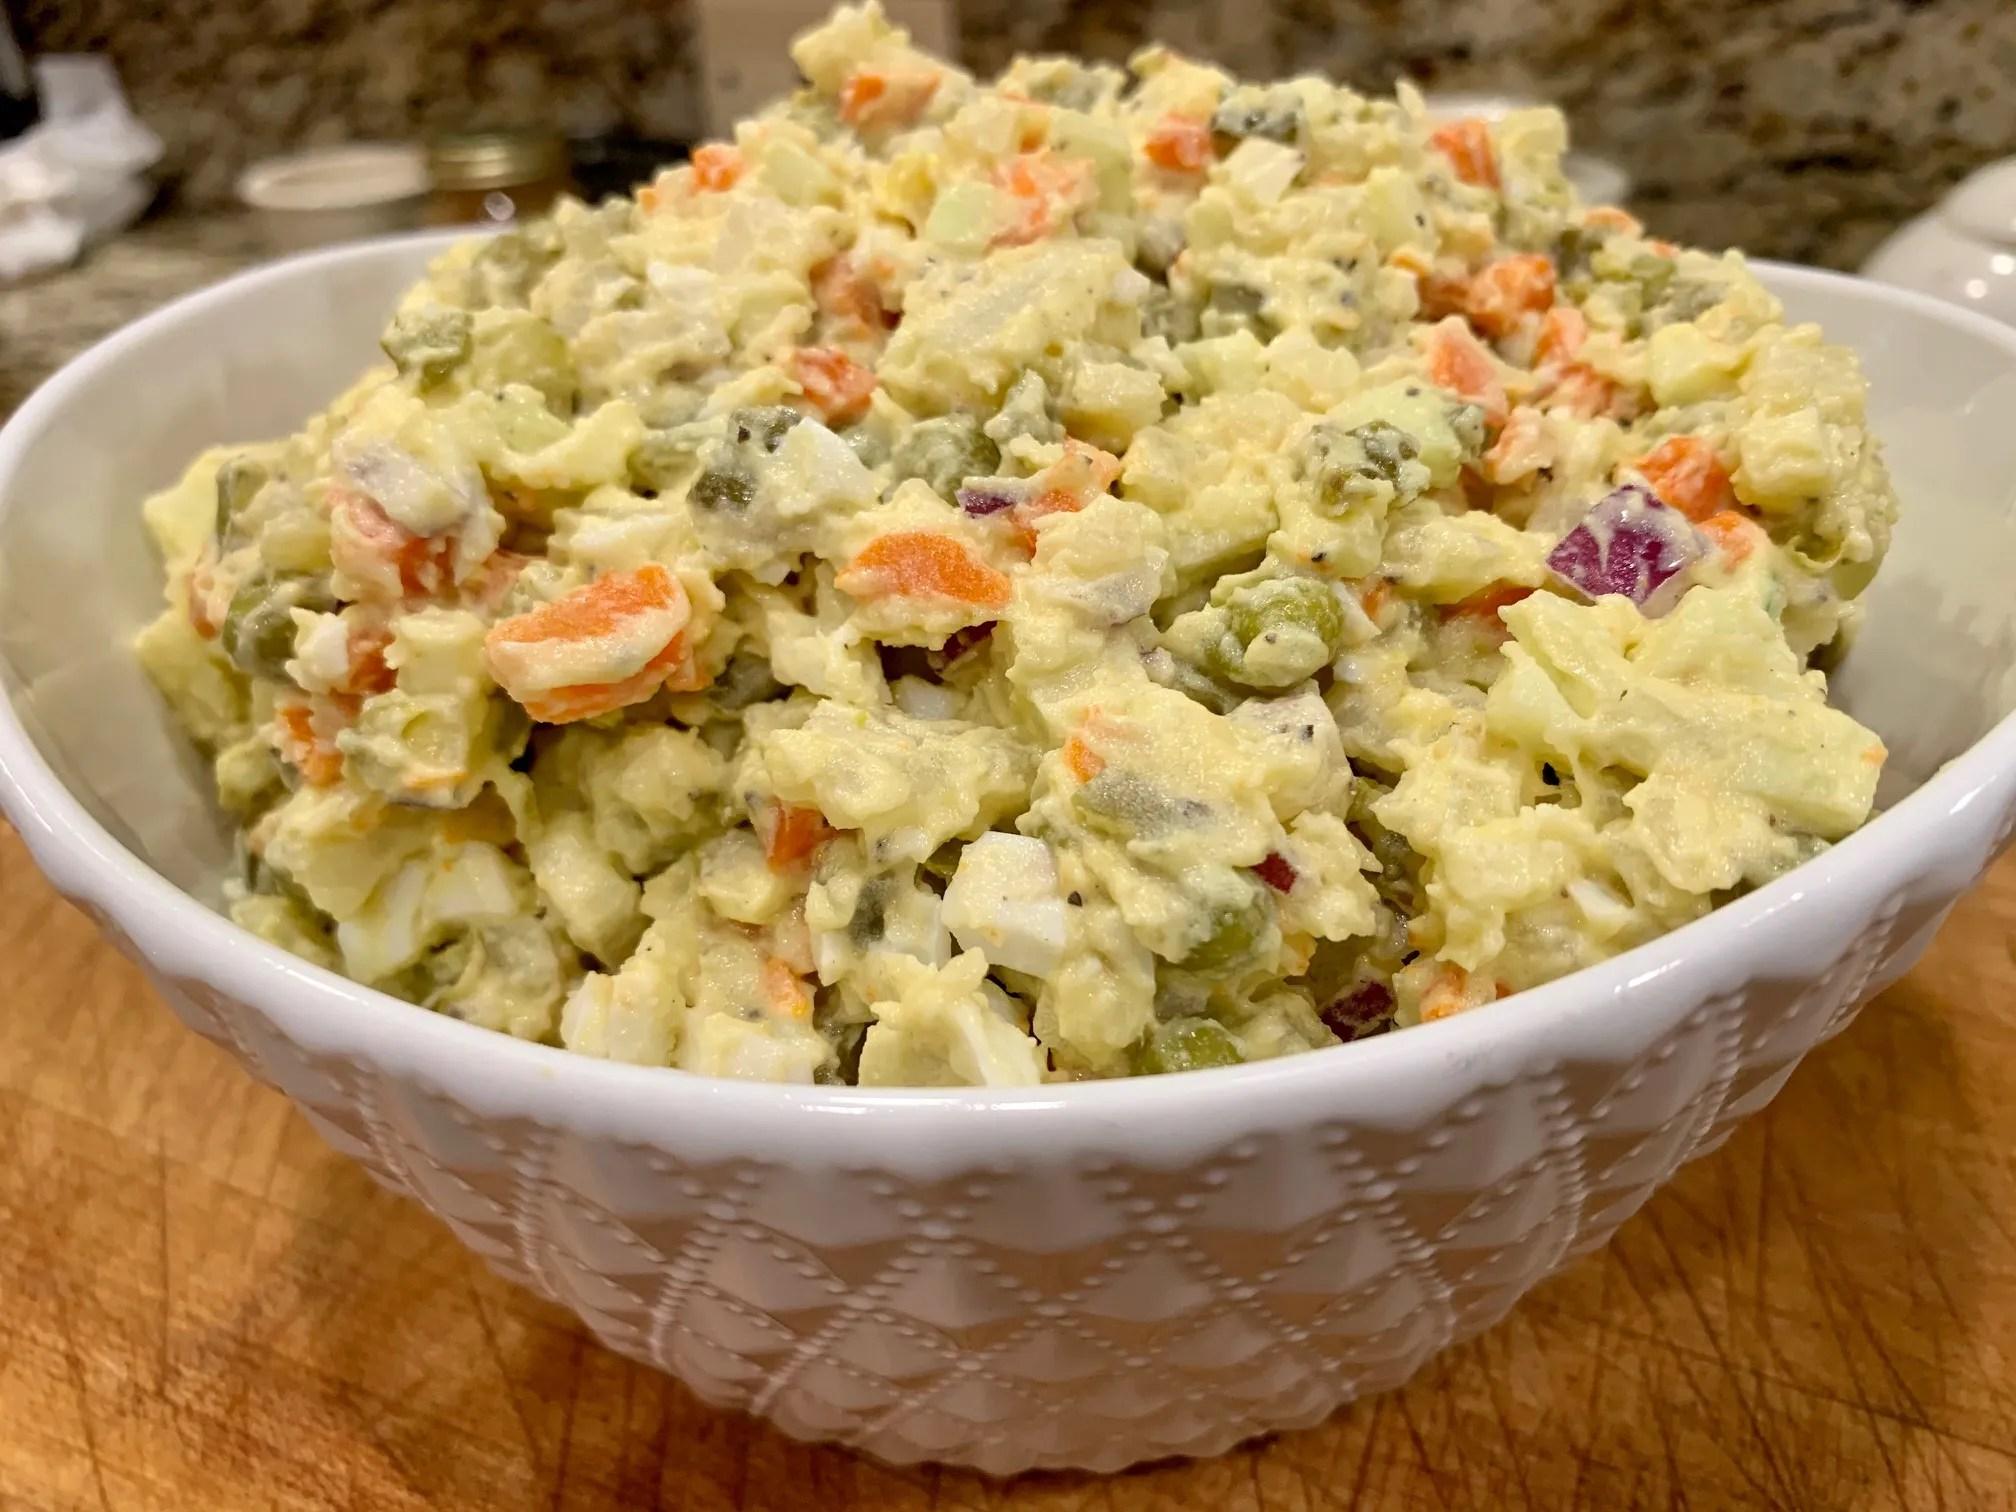 Finished photo of potato salad recipe